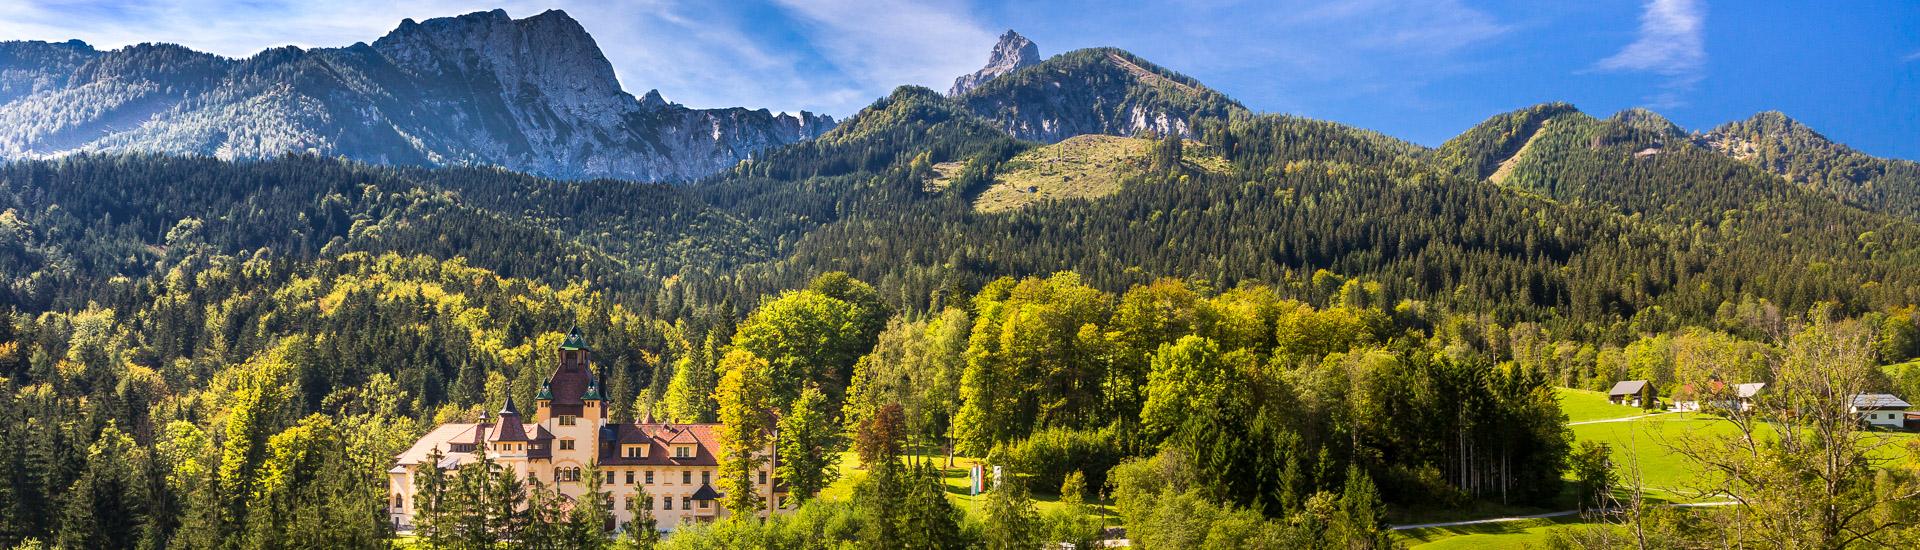 Schloss Kassegg mit traumhaften Blick auf die Gesäuseberge